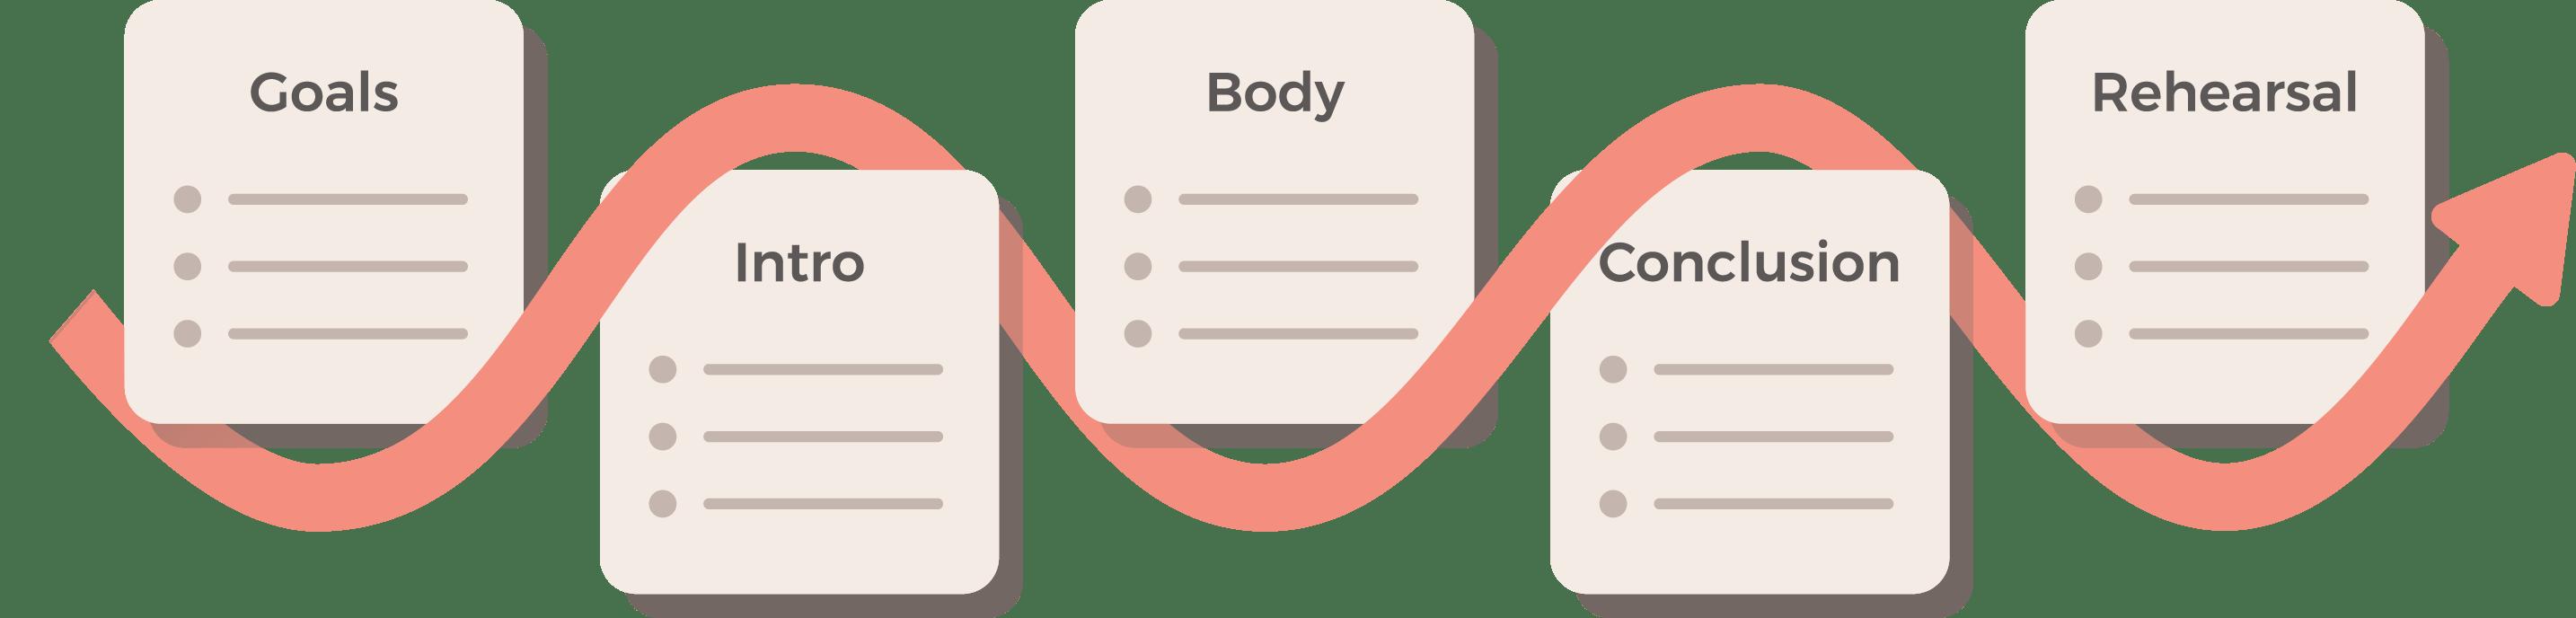 messaging-training-diagram